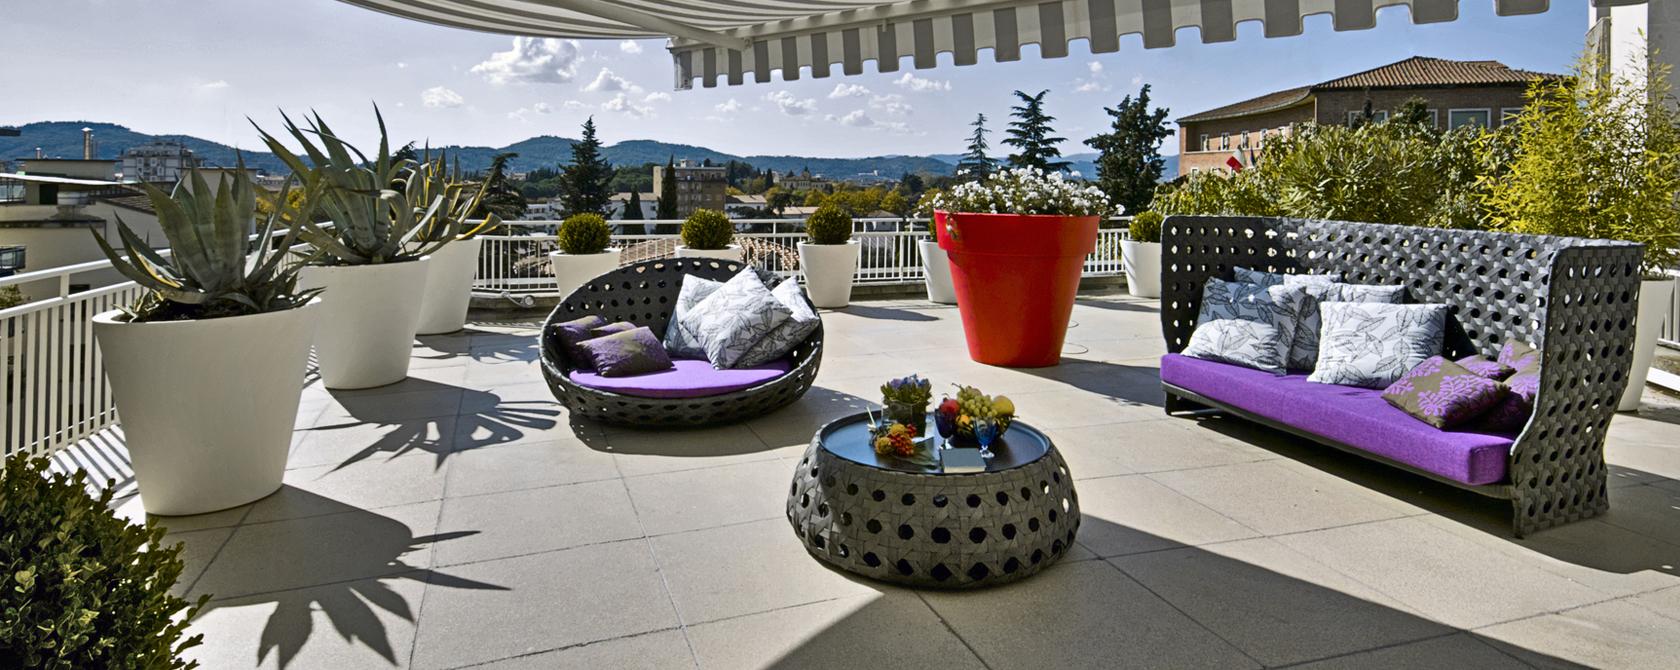 Balcon en terrasse affordable amnagement de balcon et - Amenagement balcon terrasse petit espace ...